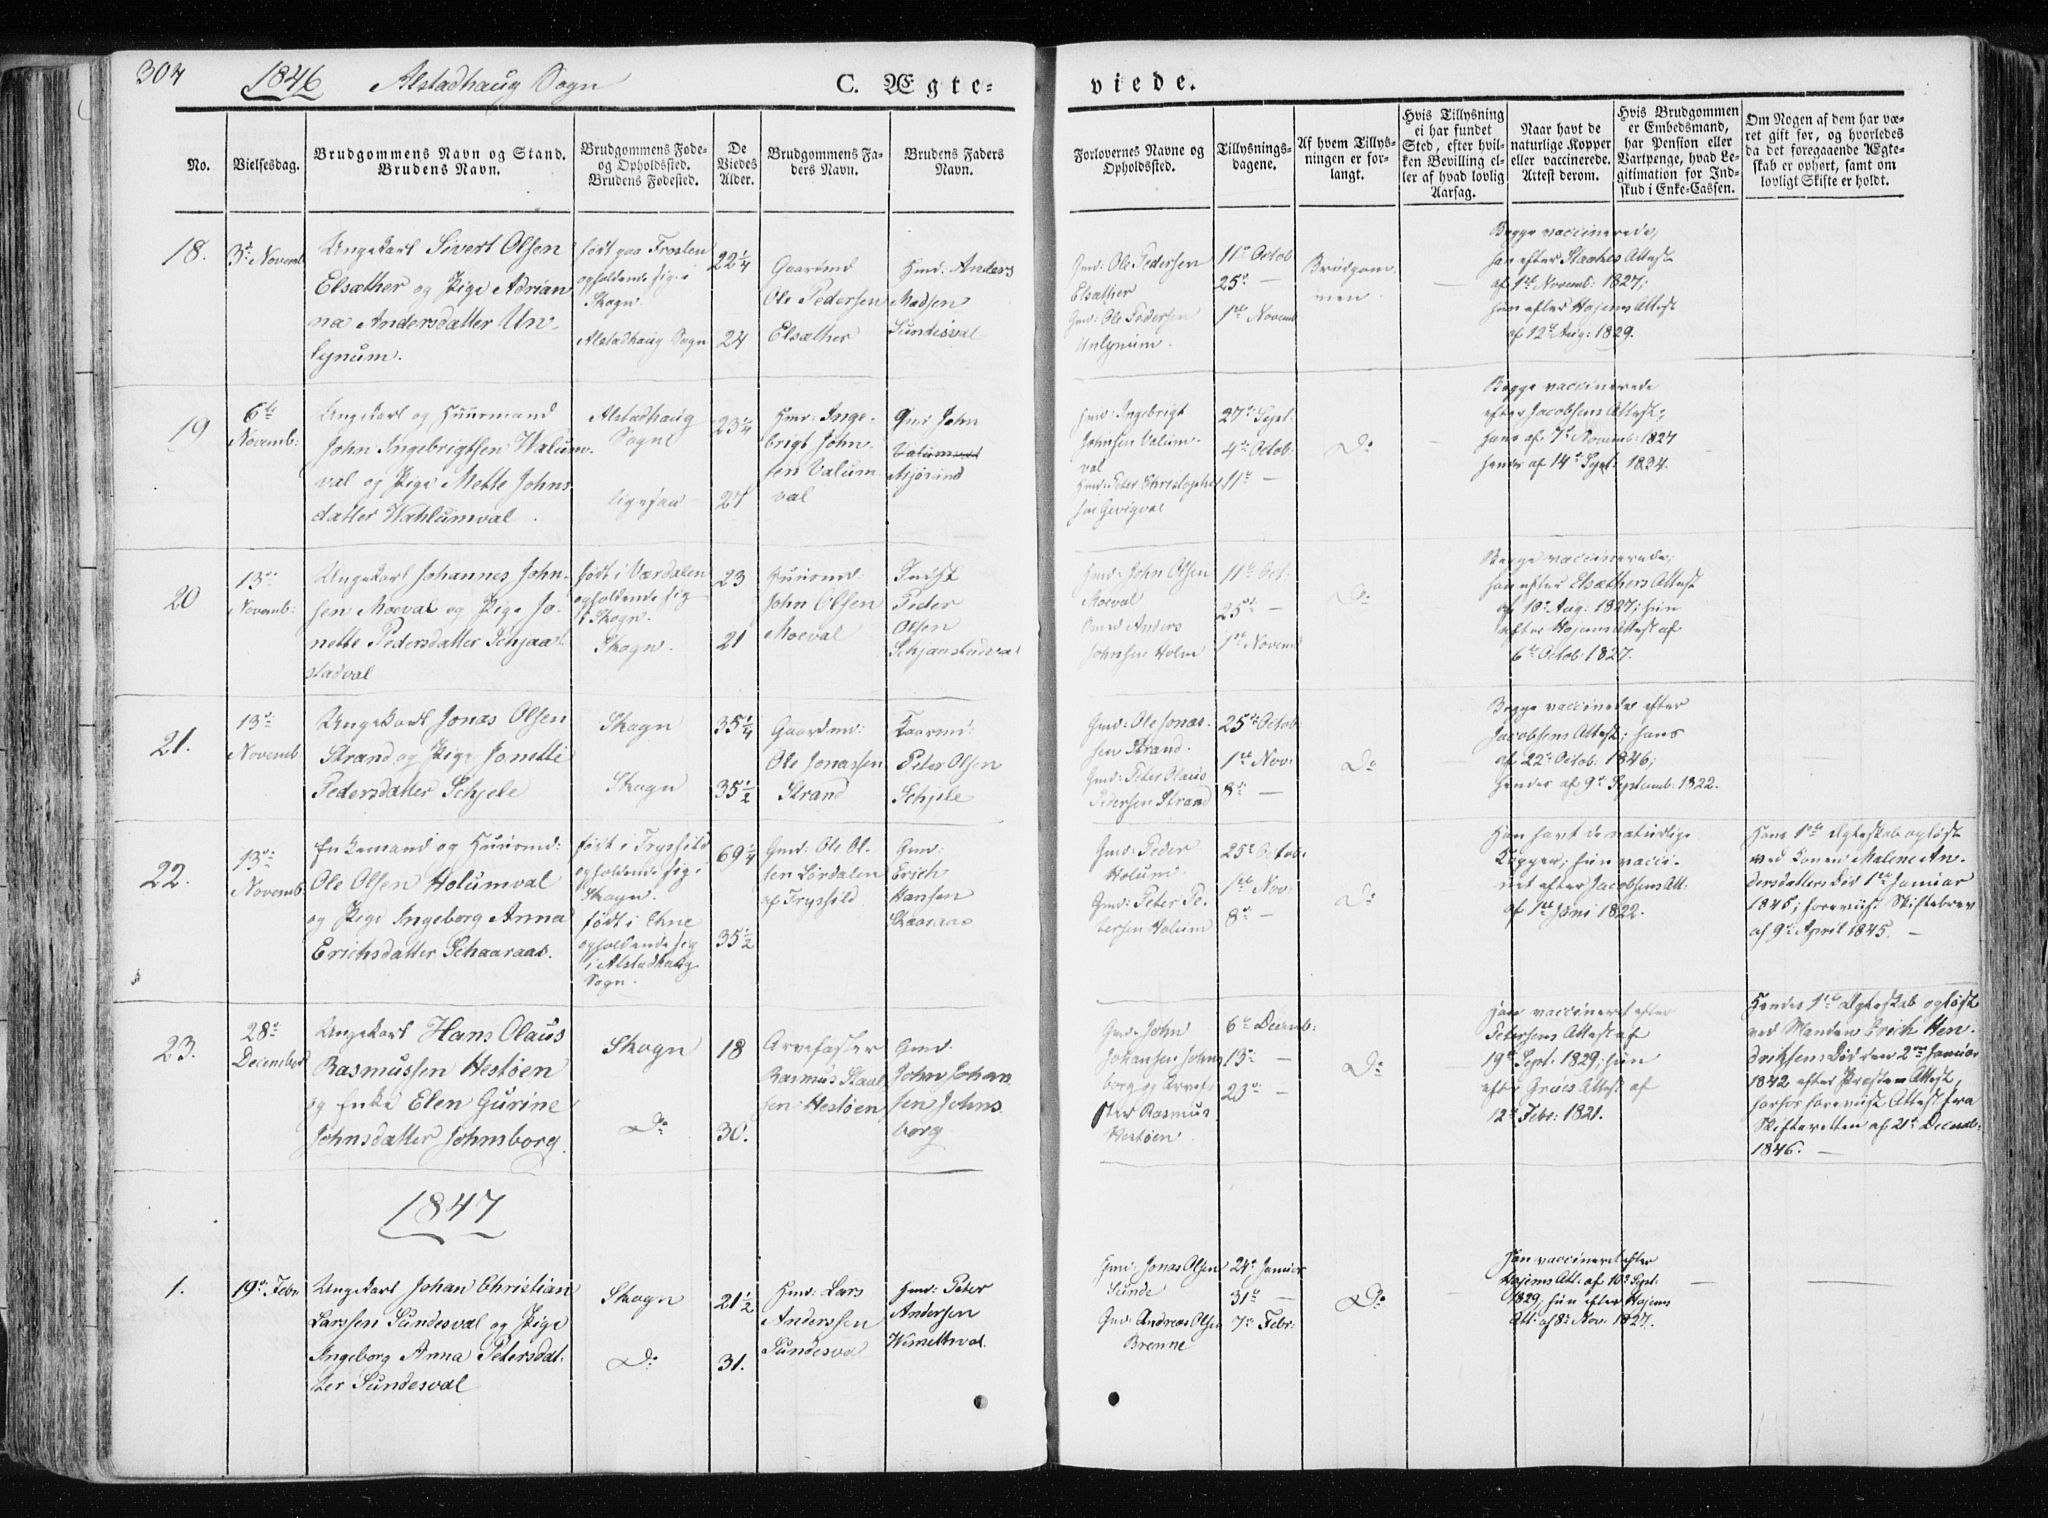 SAT, Ministerialprotokoller, klokkerbøker og fødselsregistre - Nord-Trøndelag, 717/L0154: Ministerialbok nr. 717A06 /1, 1836-1849, s. 304